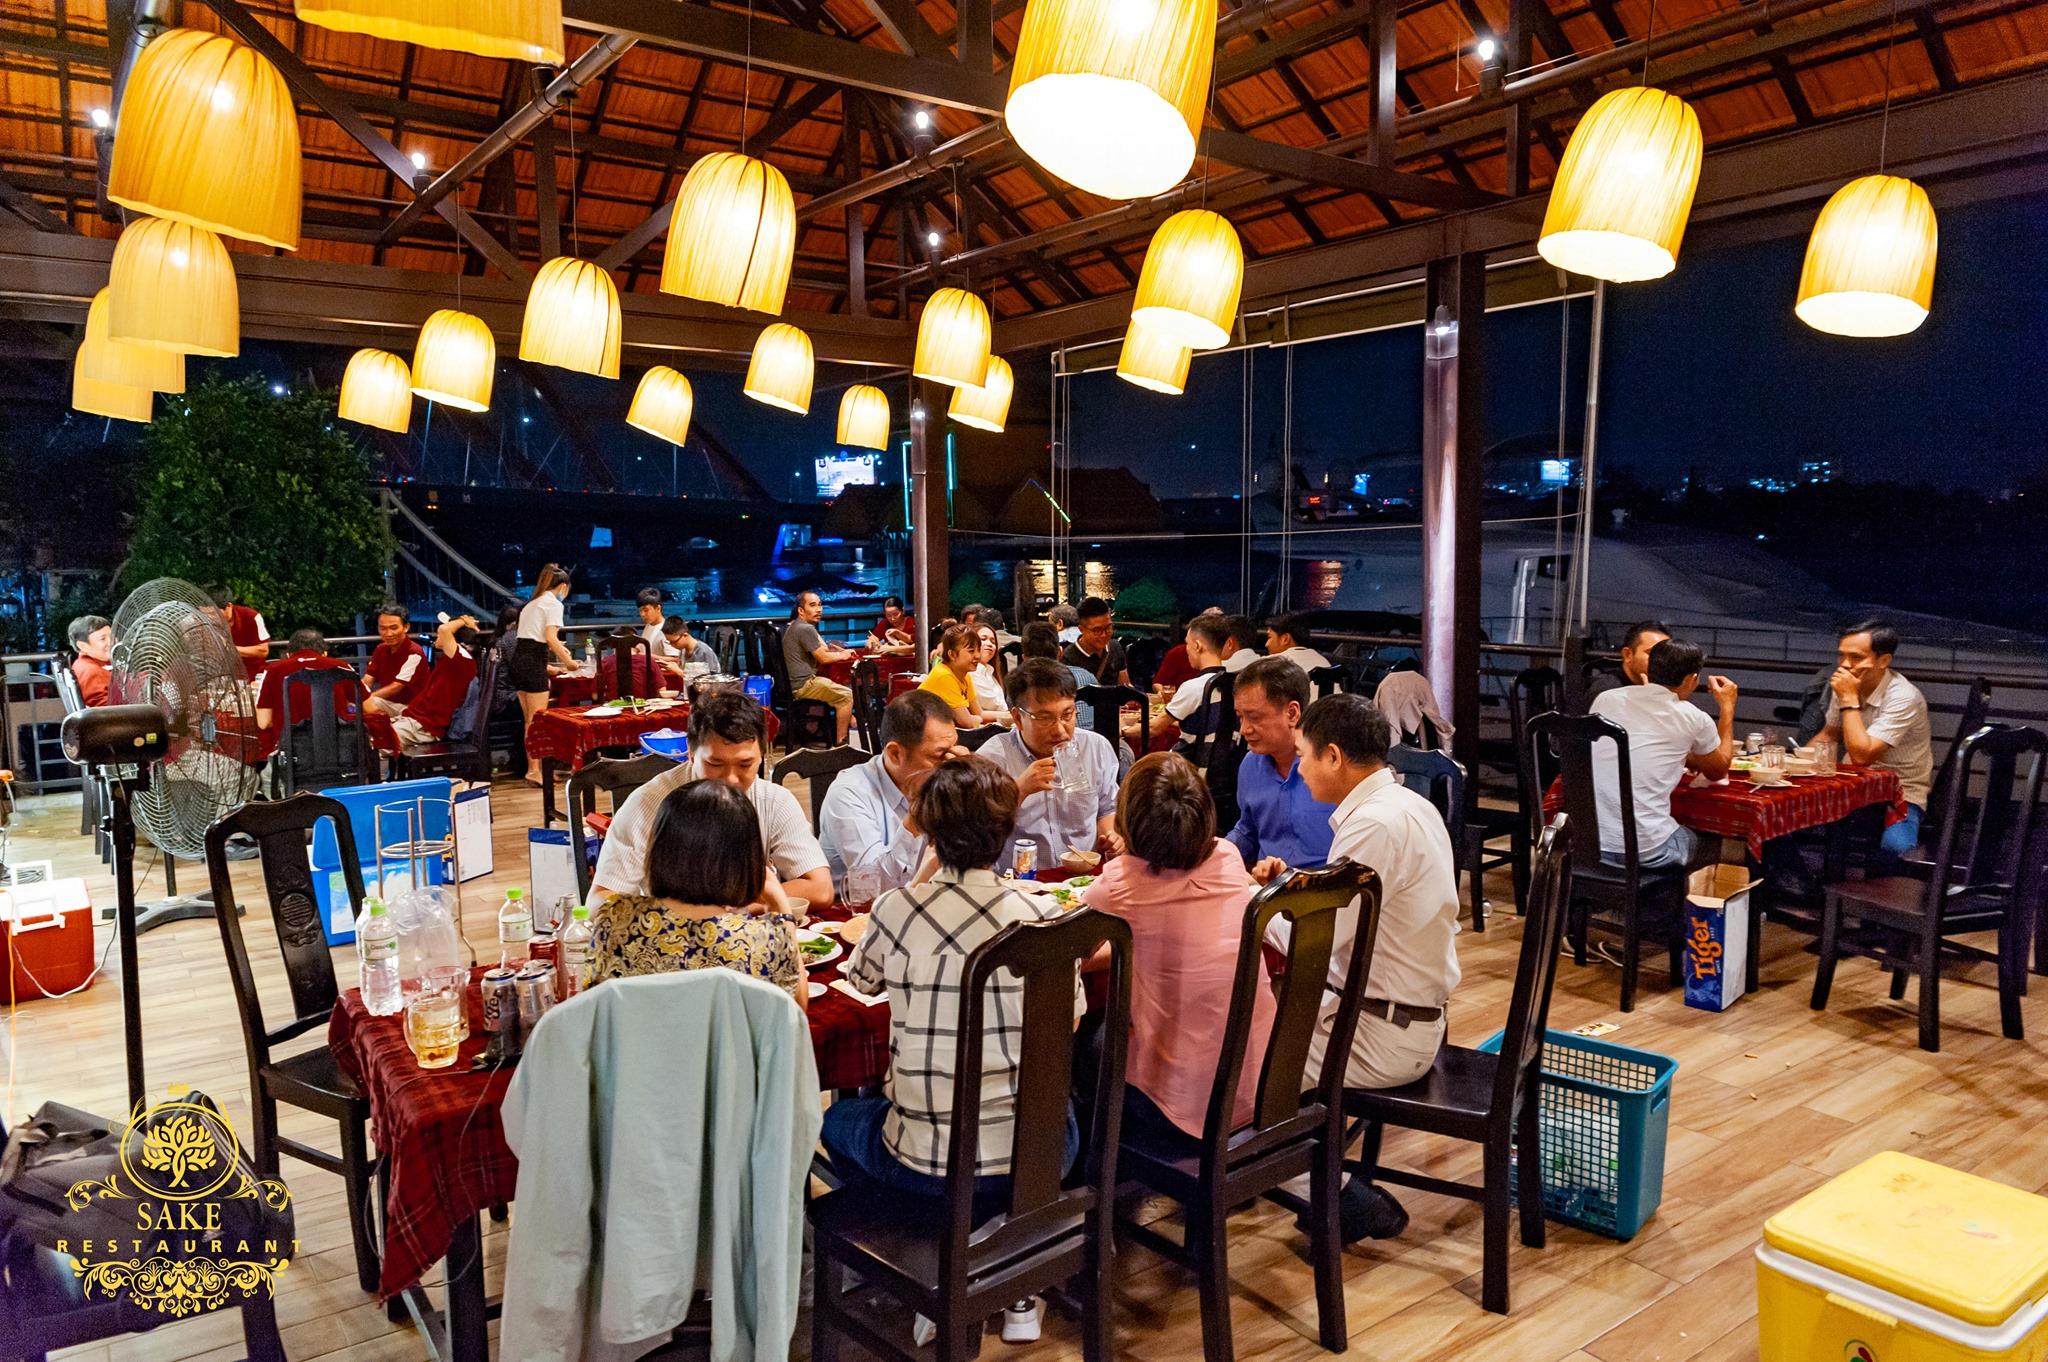 Thiết kế Nhà Hàng tại Hồ Chí Minh 2019_SAKE RESTAURANT 1595400329 14